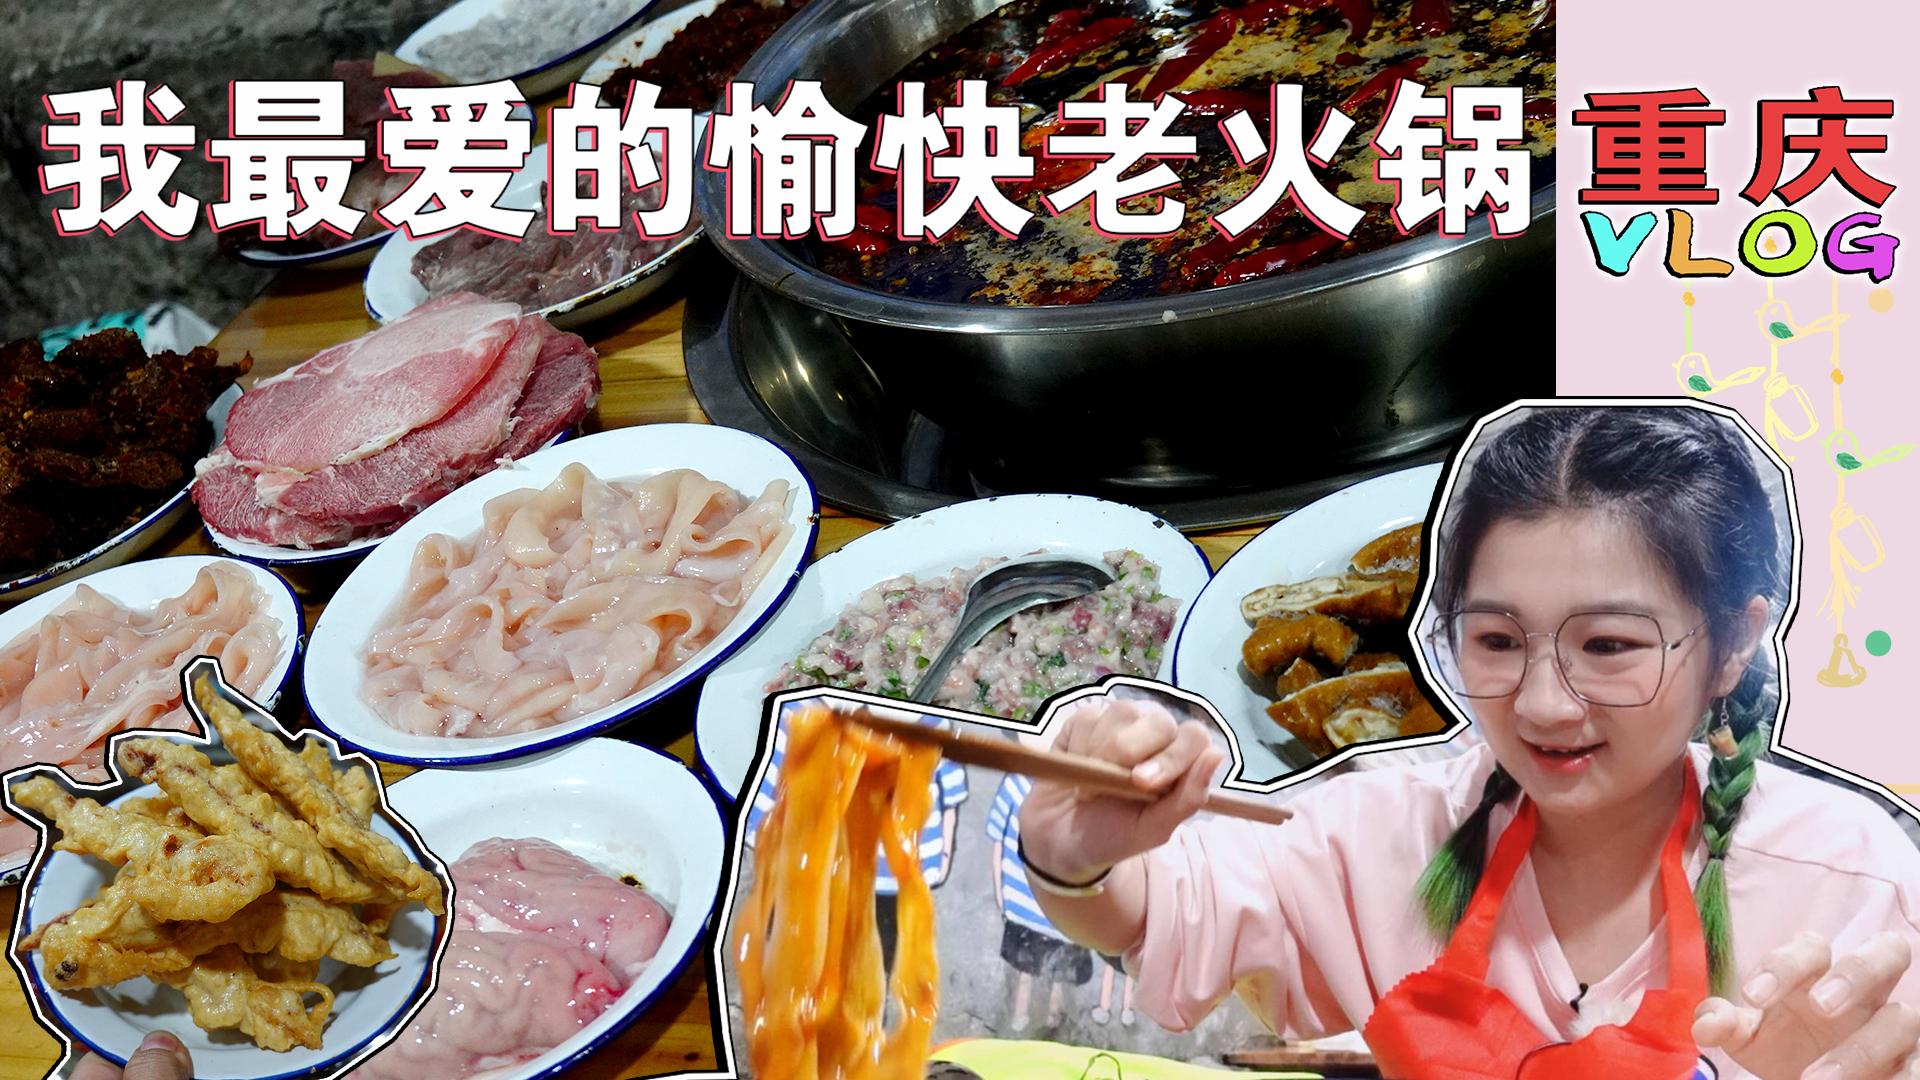 【逛吃重庆】四刷的重庆老火锅,我每次都吃这一家!